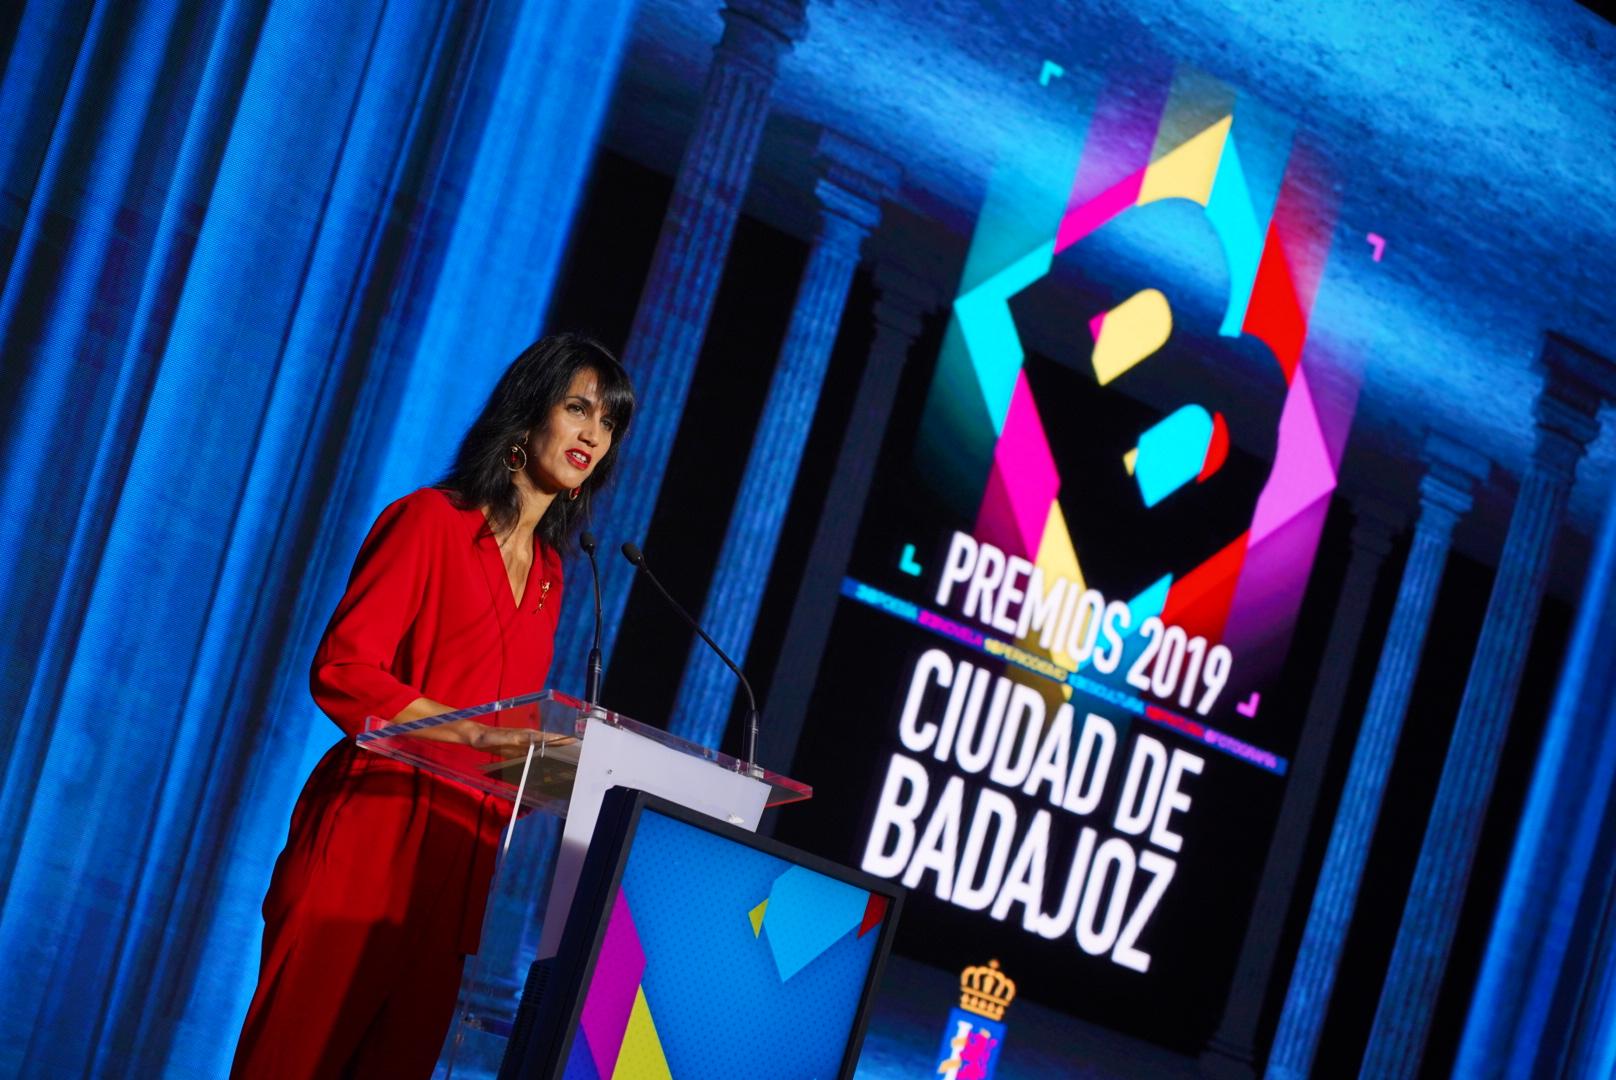 premios-ciudad-badajoz-2019-cultba-01